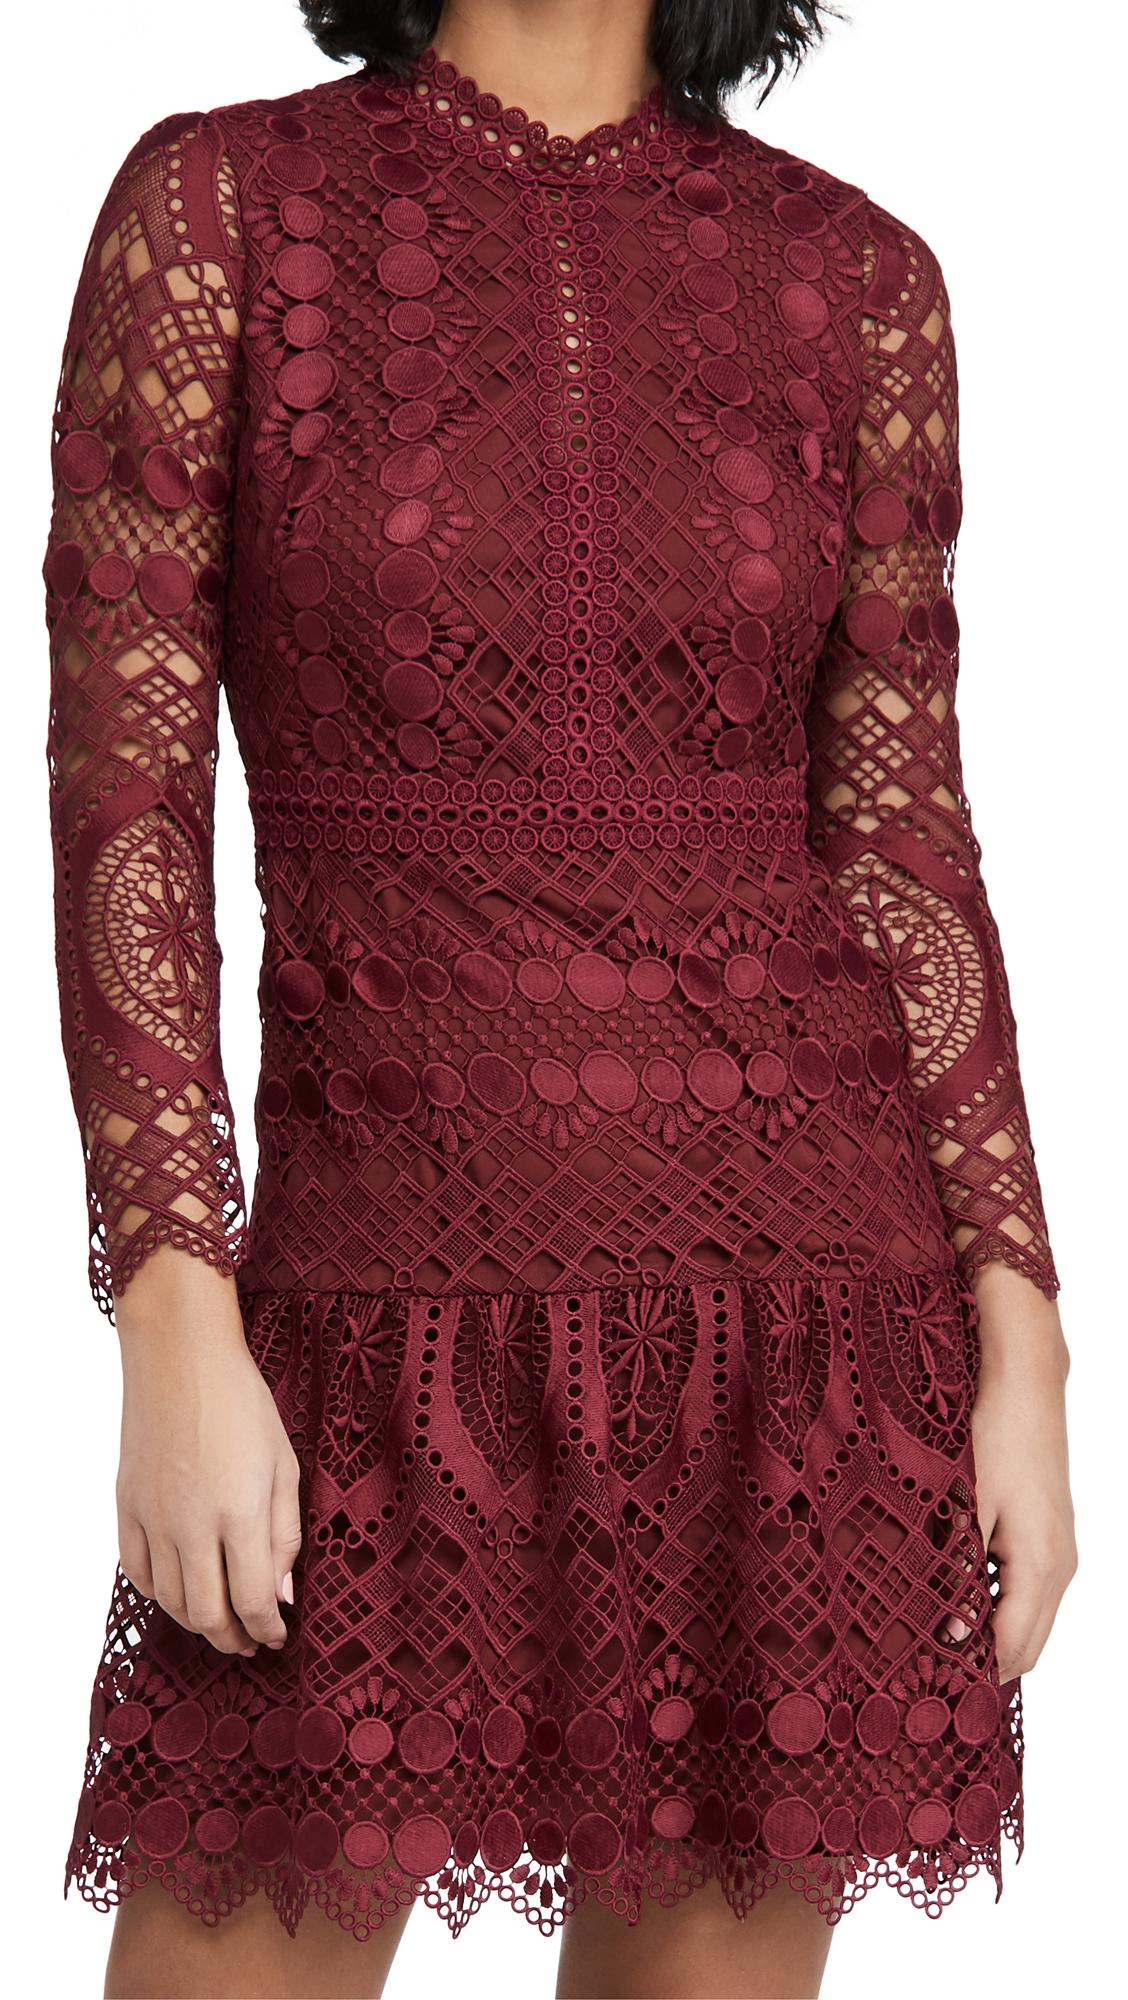 Shoshanna Alycia Dress